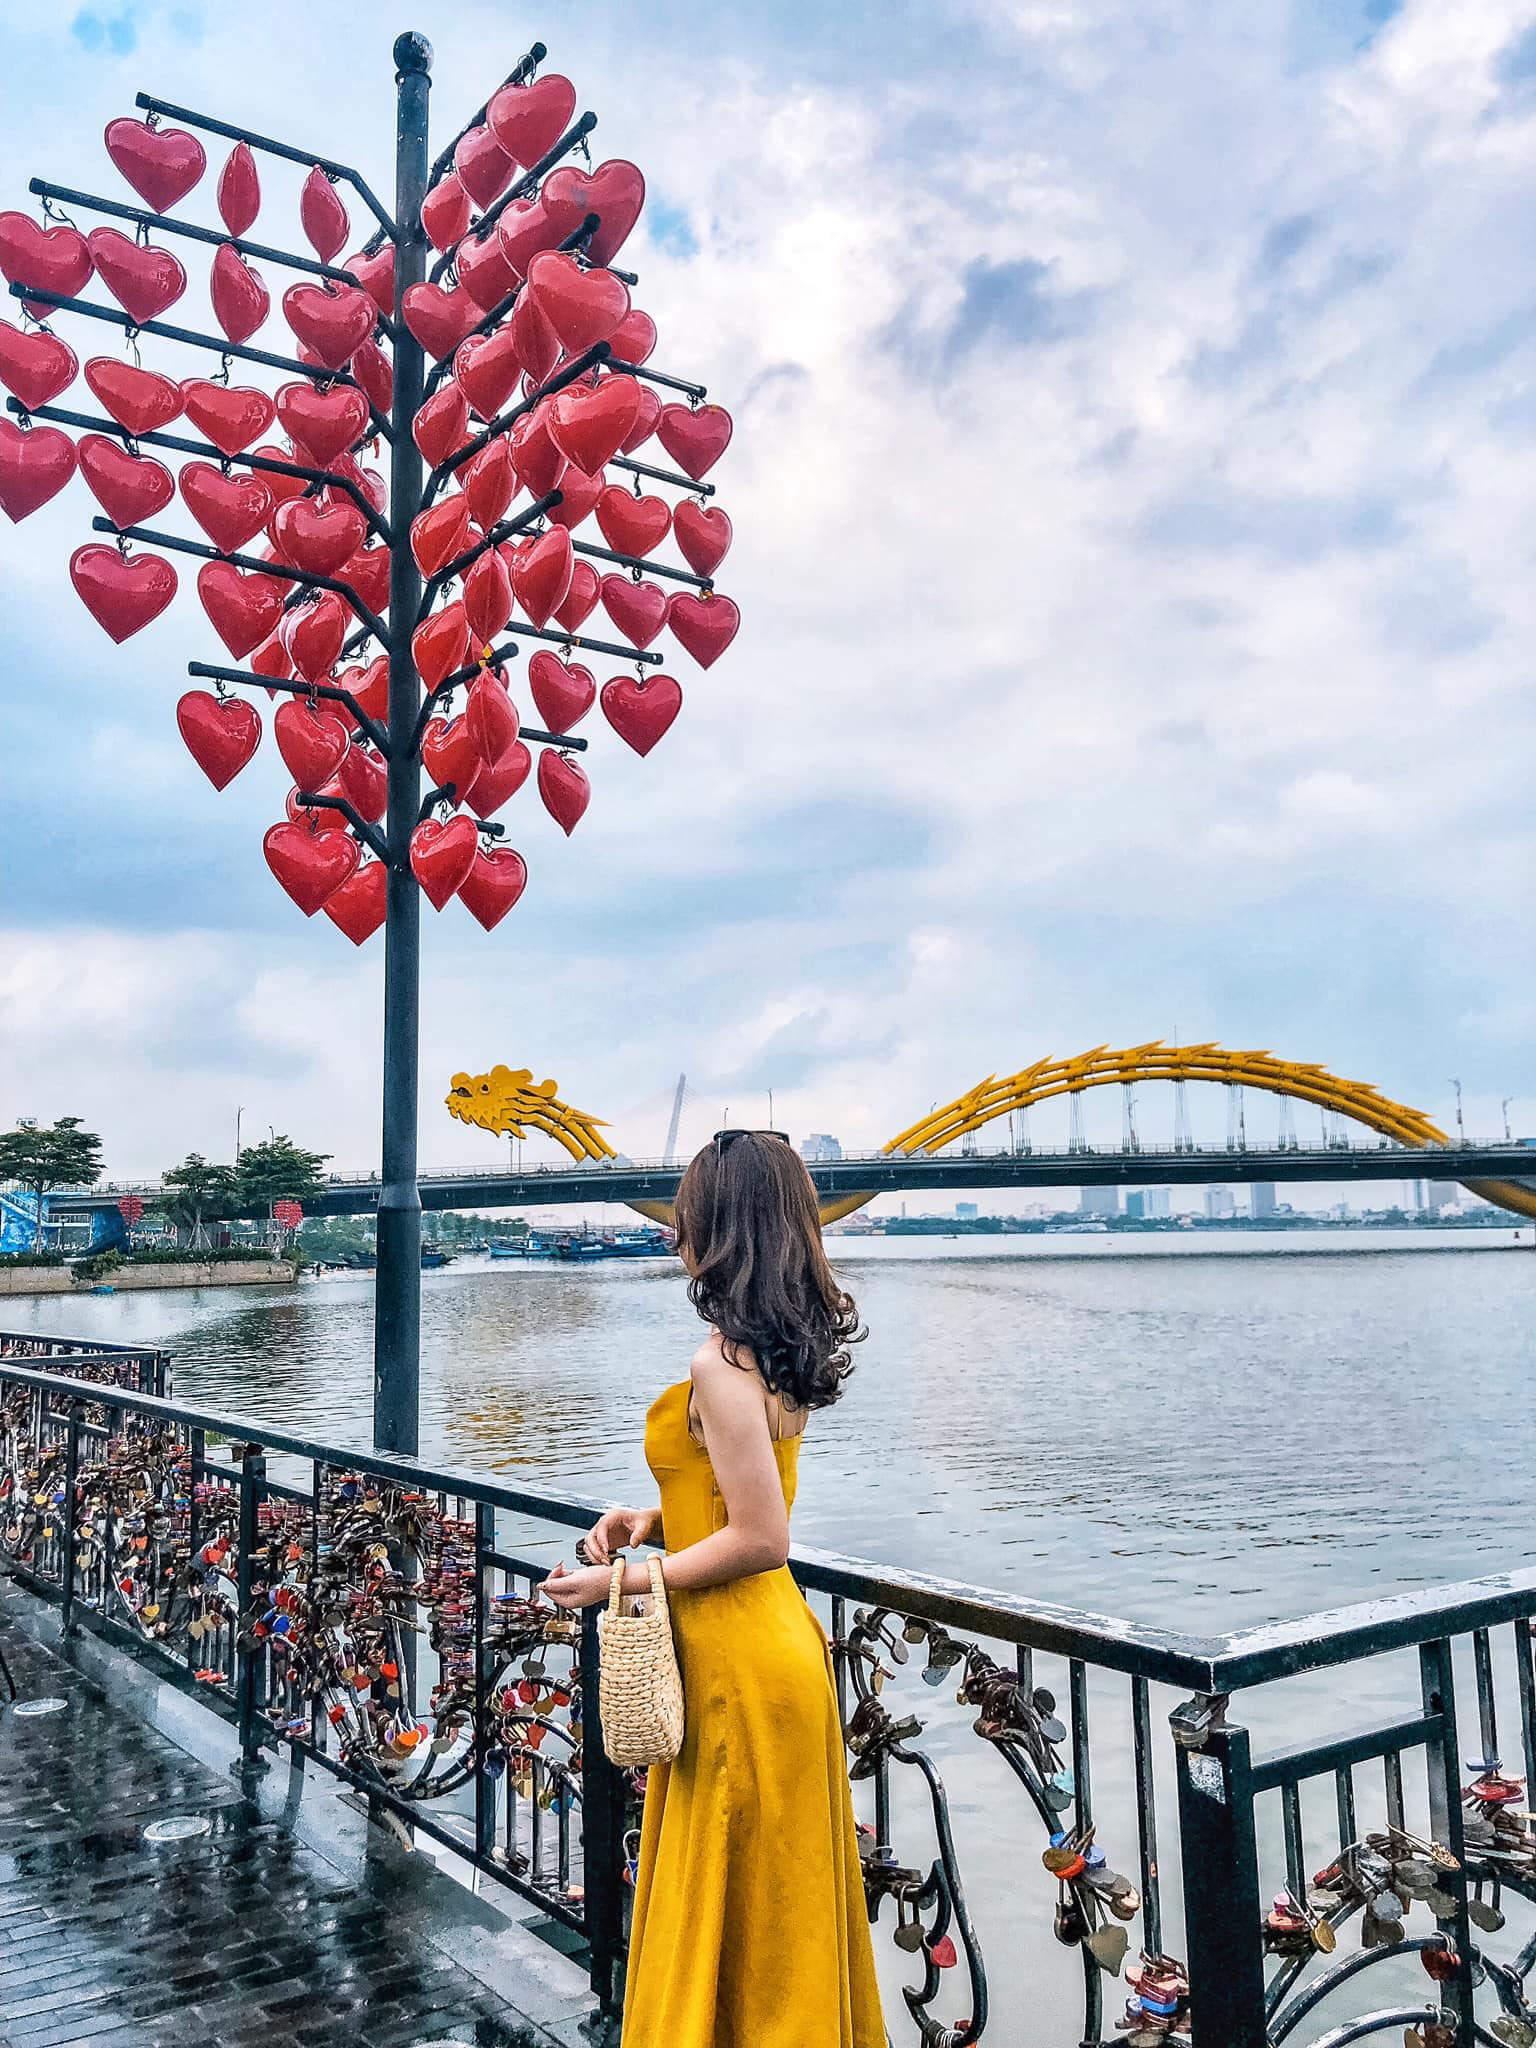 Cau Tinh Yeu Danang Review Chill Cung Chuyen Du Lich Da Nang Hoi An 3n2d 01